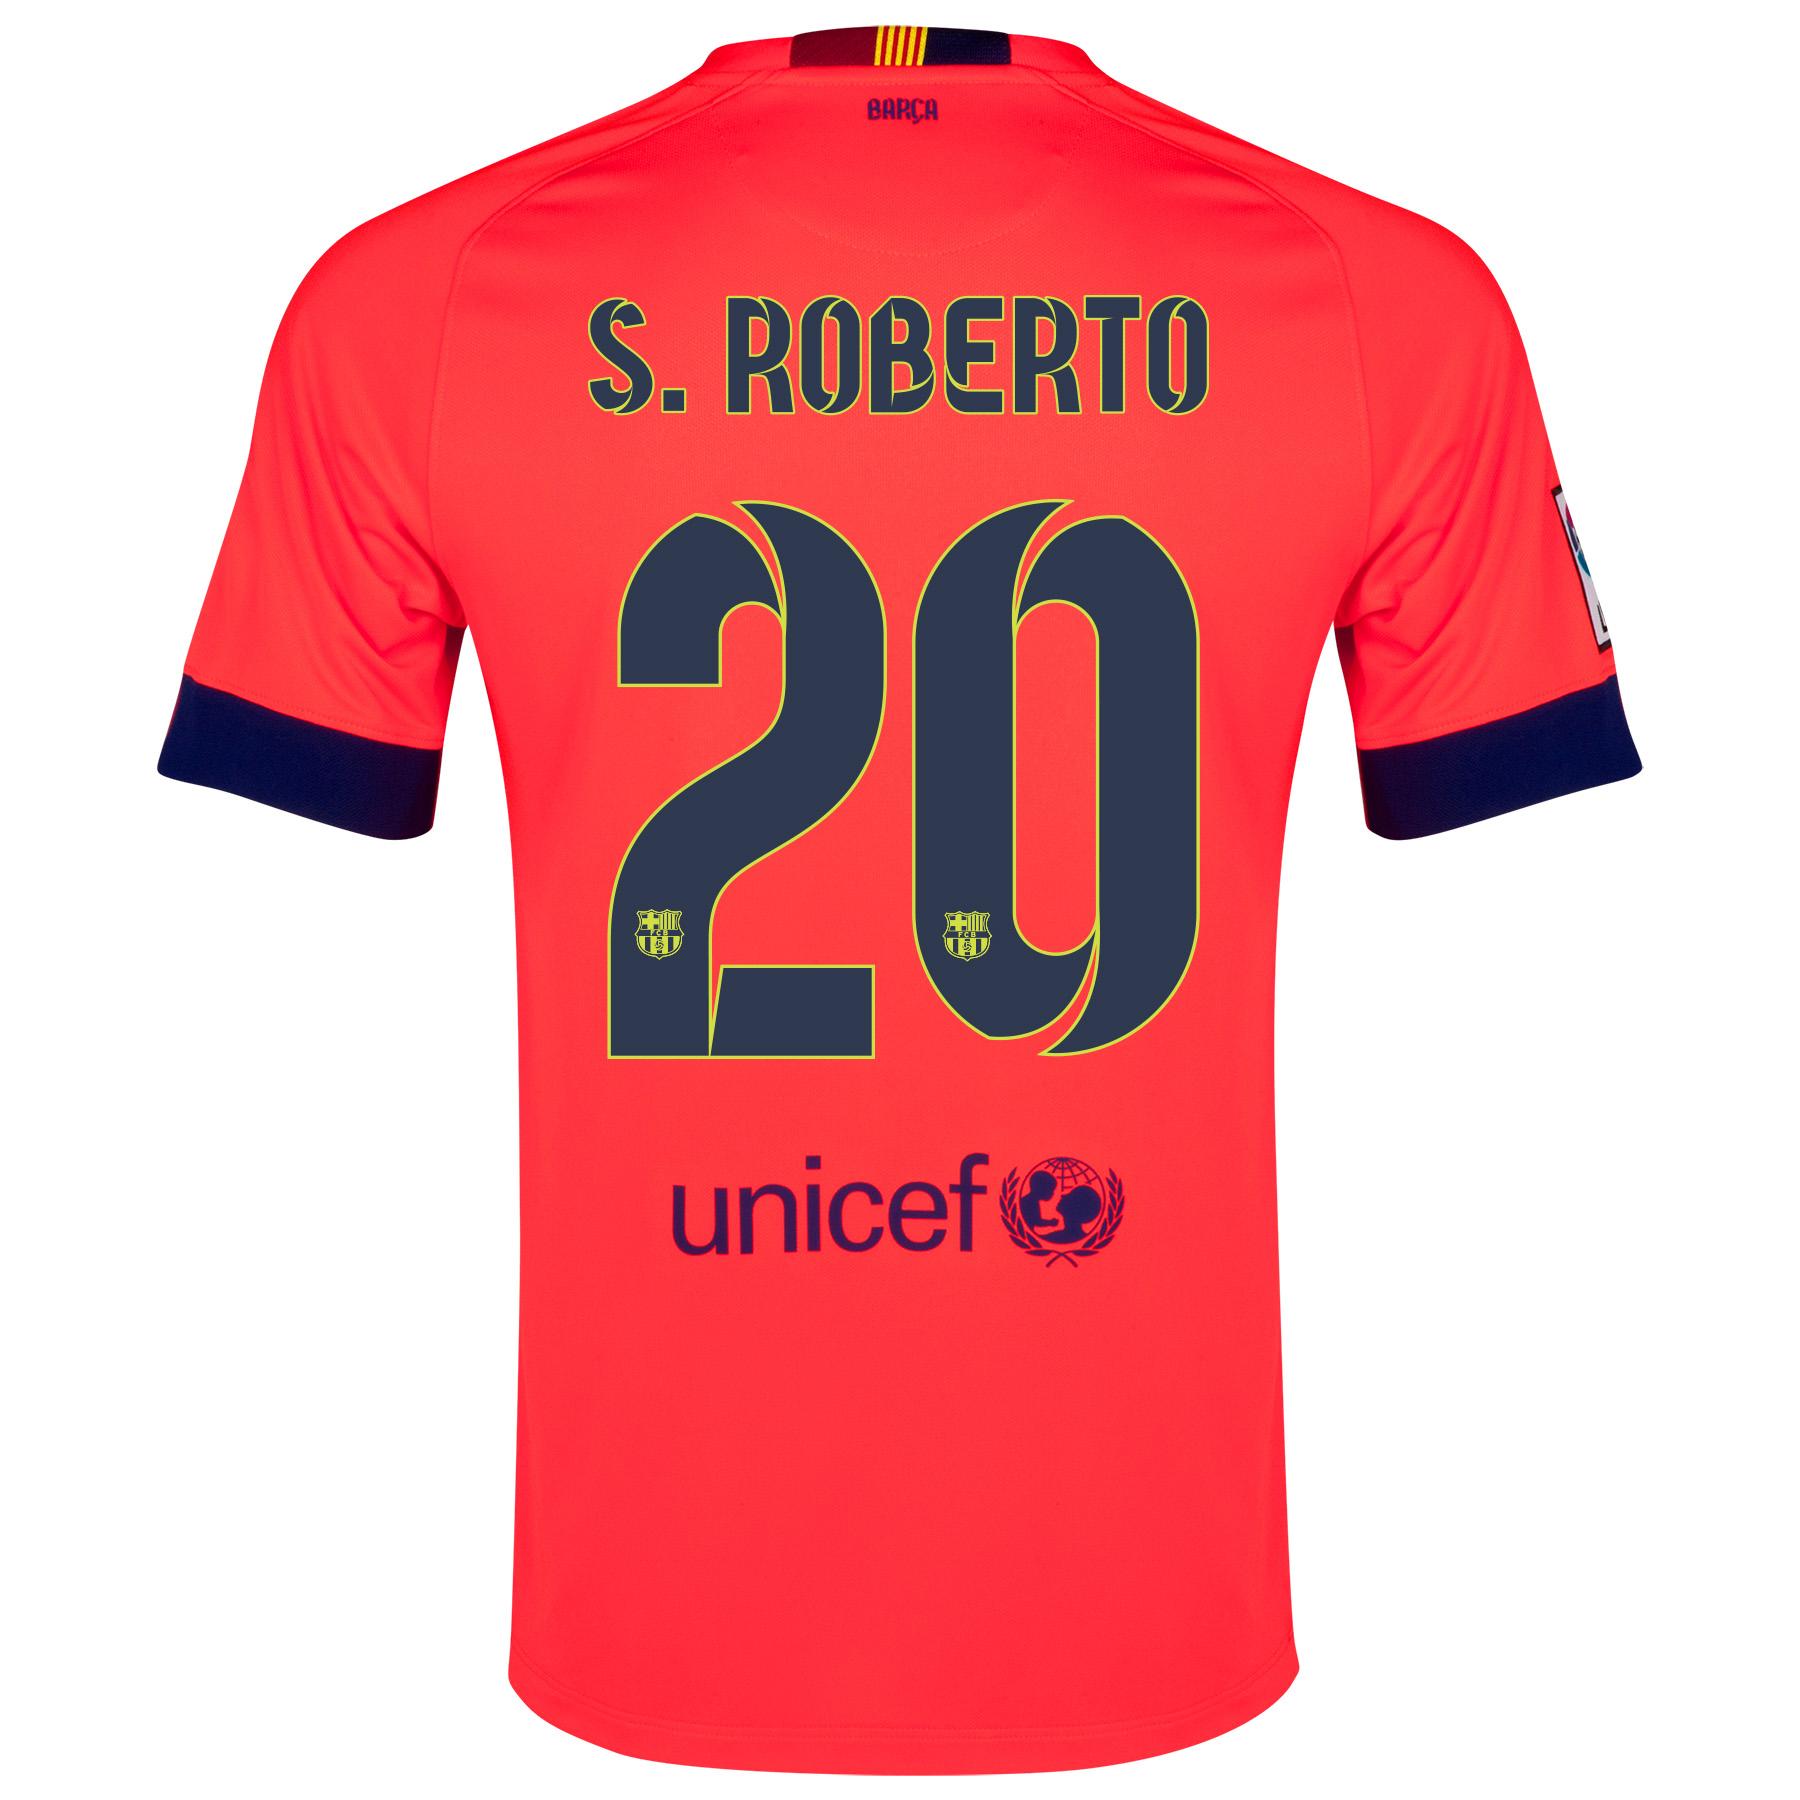 Barcelona Away Shirt 2014/15 - Kids Red with S.Roberto 20 printing